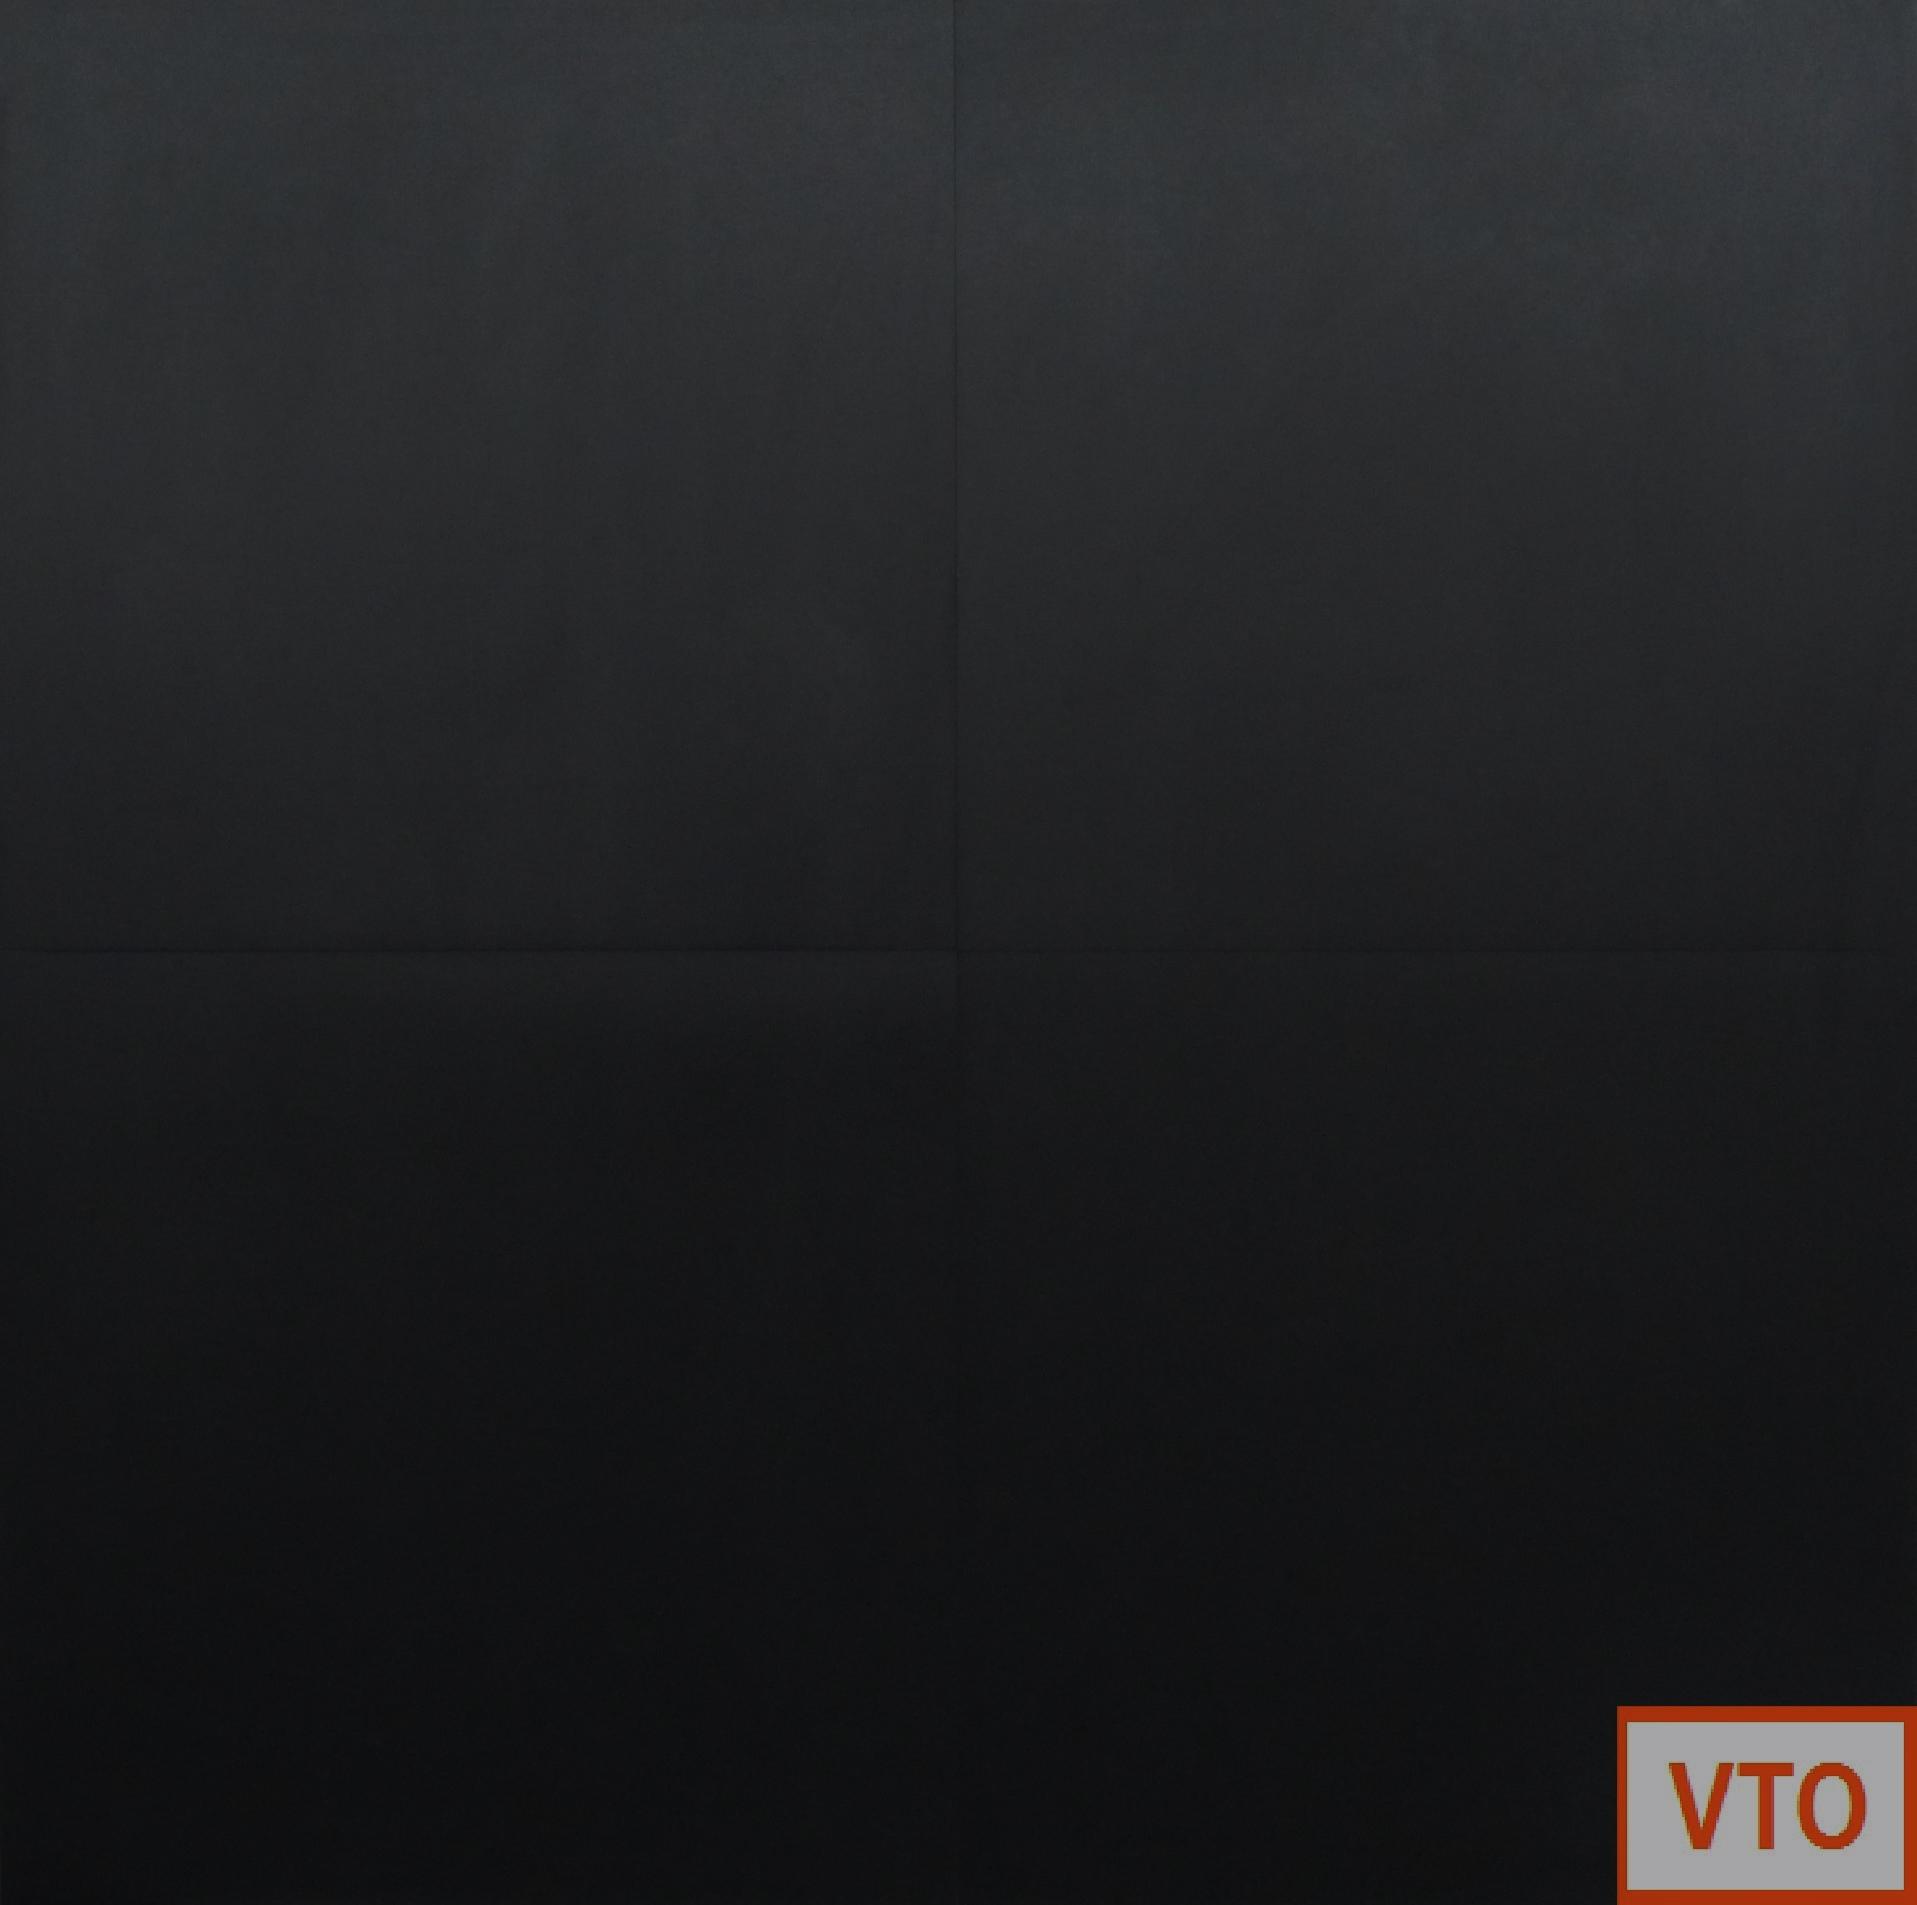 Zwarte Plavuizen 60 X 60.Zwart Mat 60 X 60 Webshop Vloertegeloutlet Nl